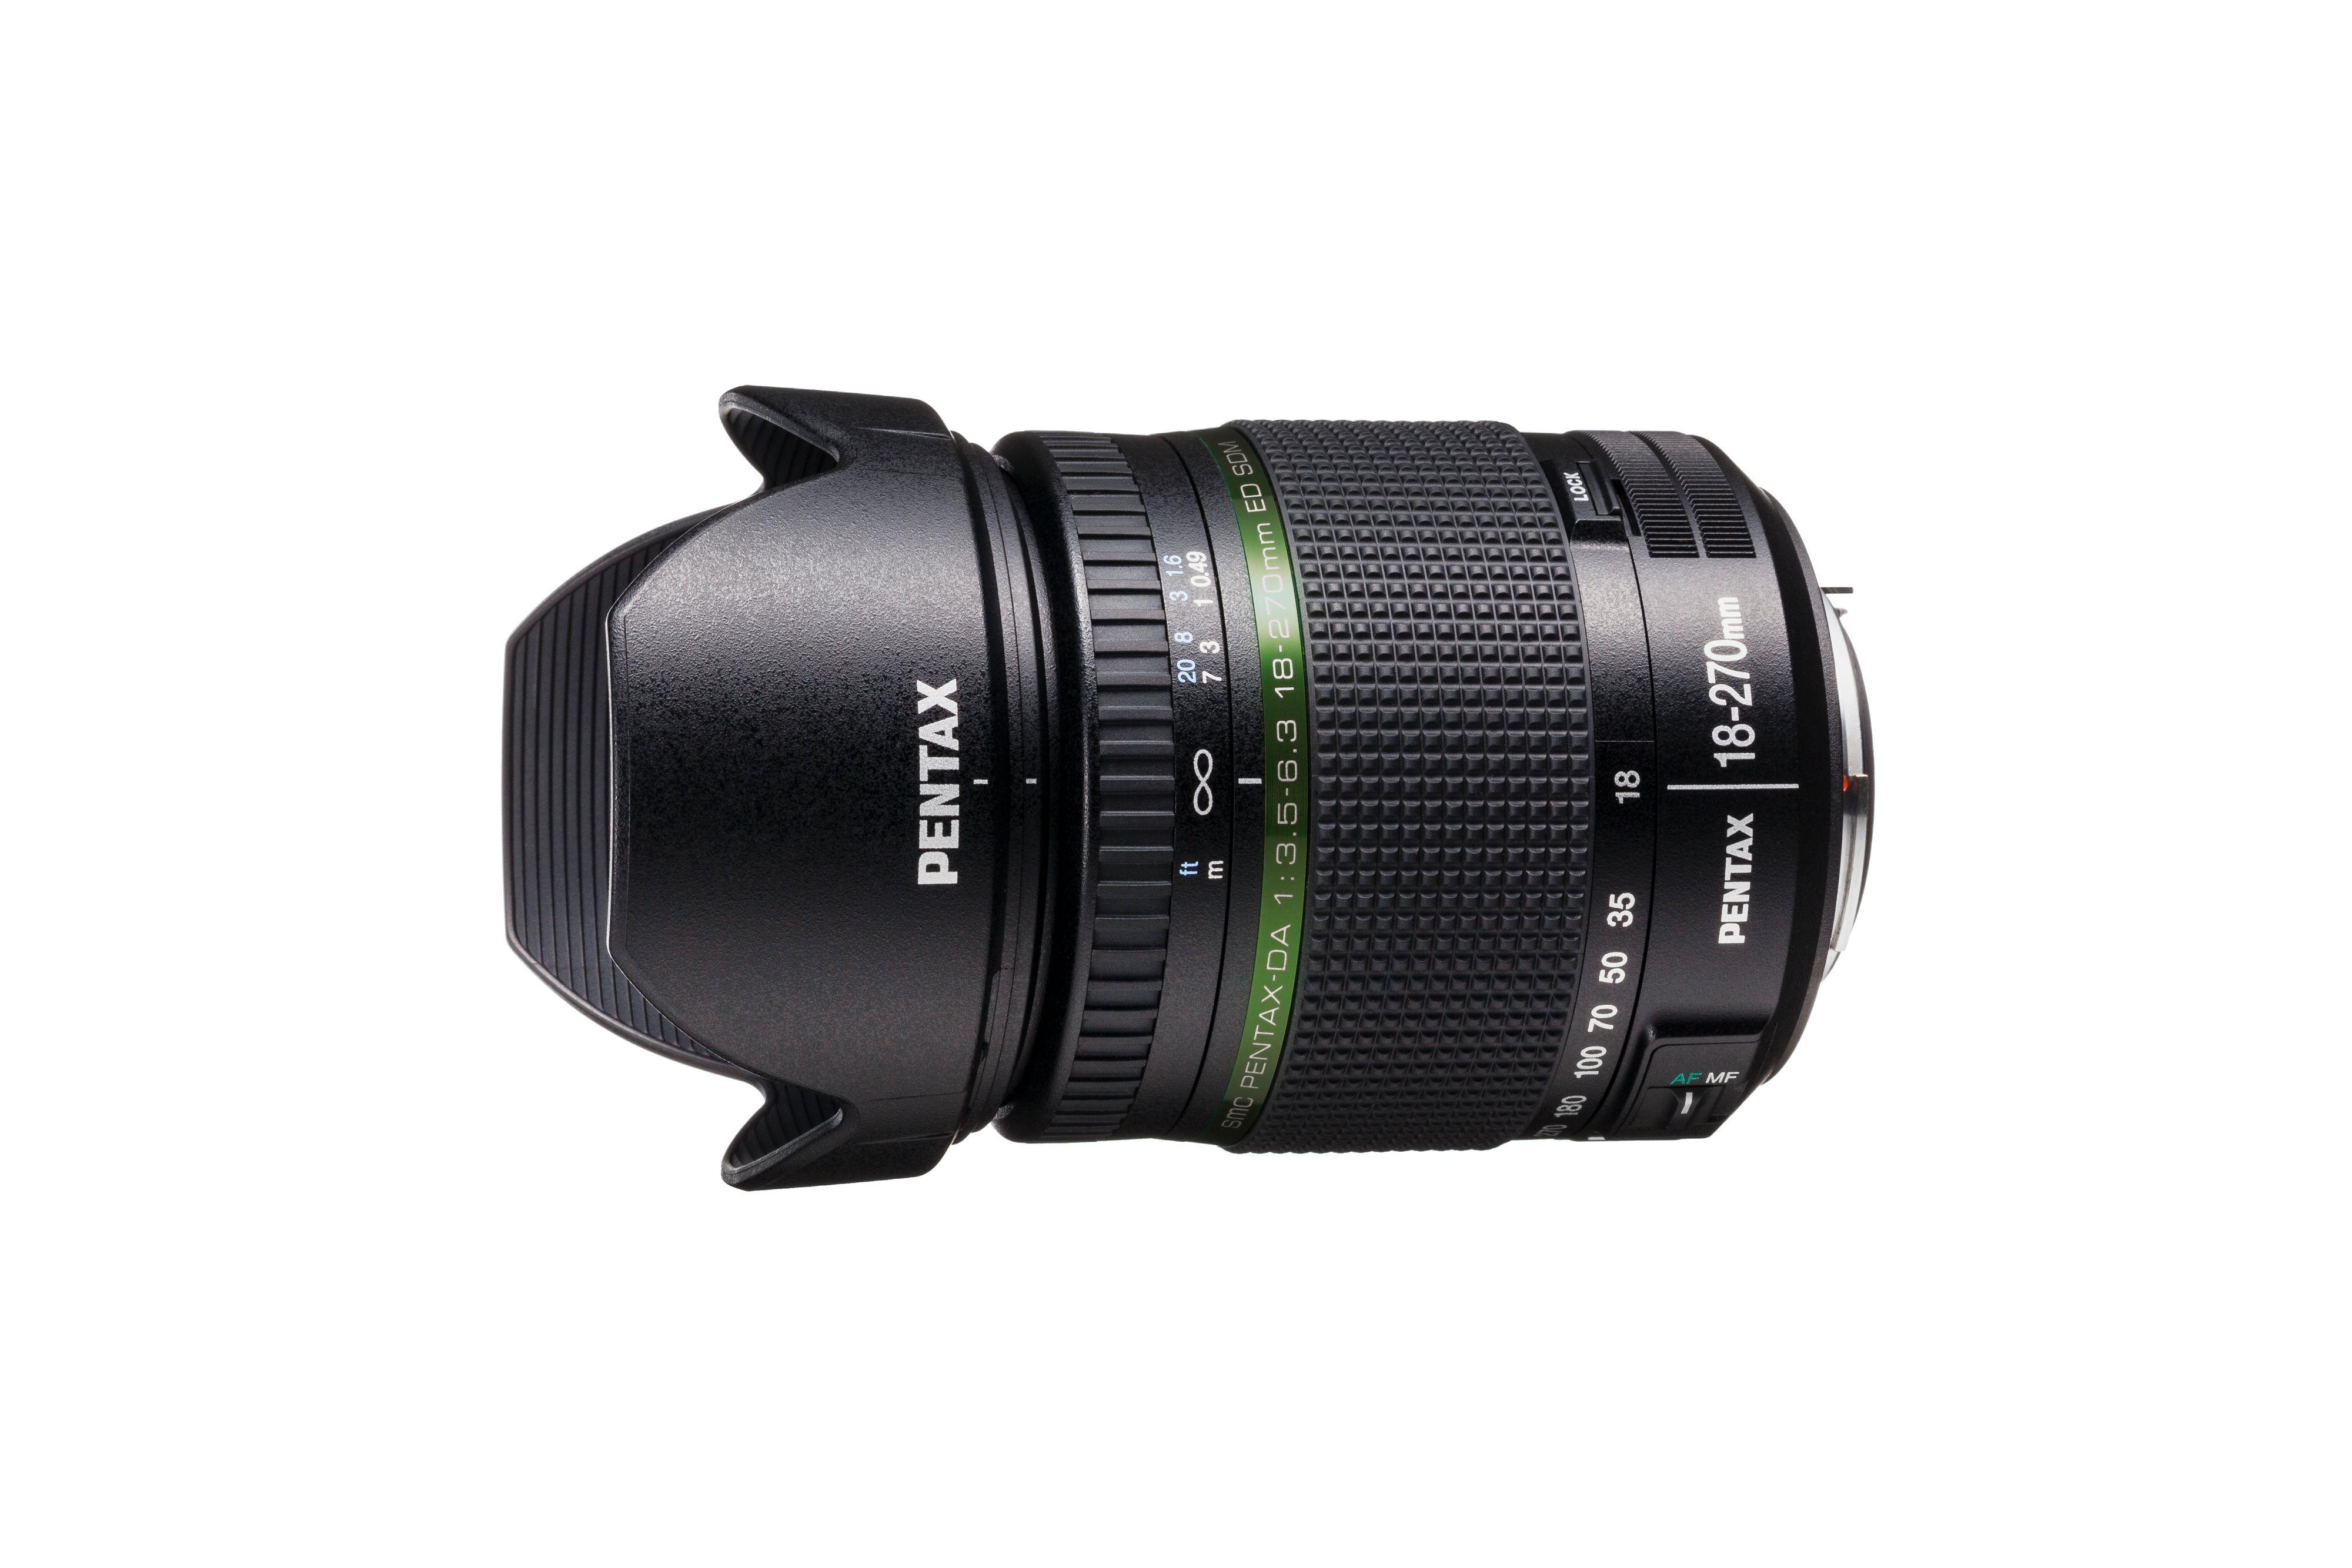 Pentax DA 18-270mm f/3.5-6.3 ED SDM.Foto: Pentax